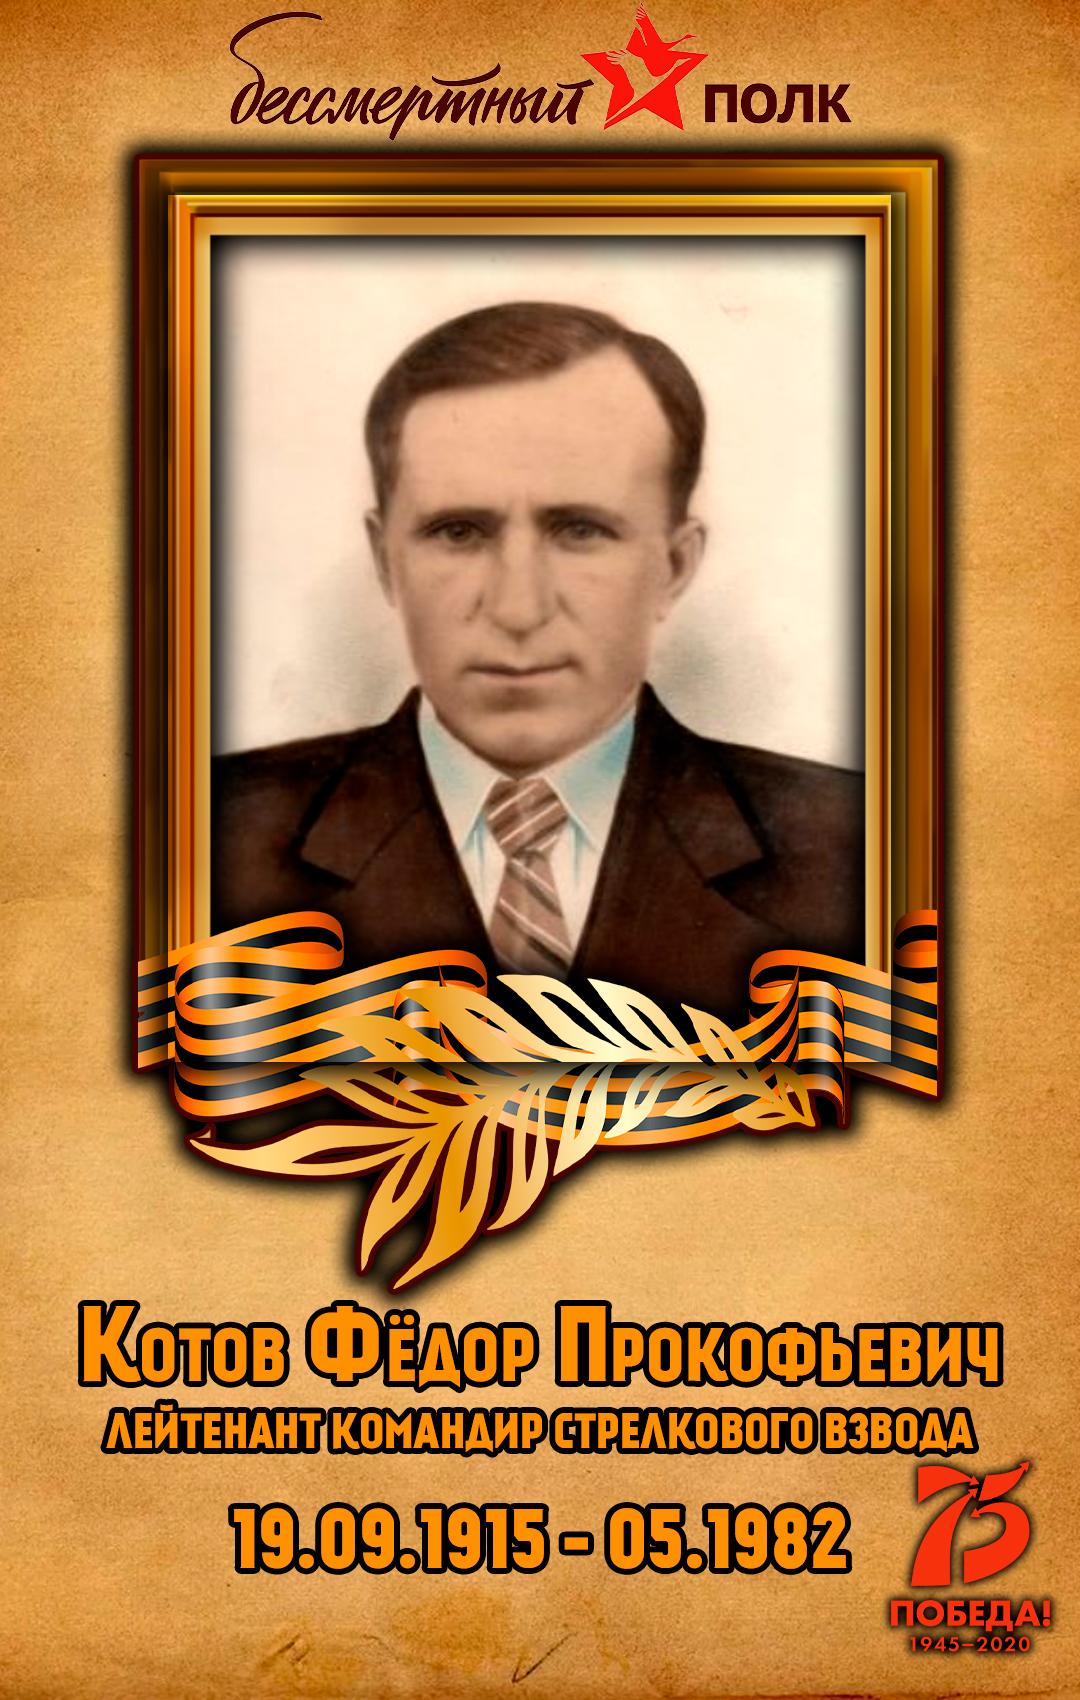 Котов-Фёдор-Прокофьевич